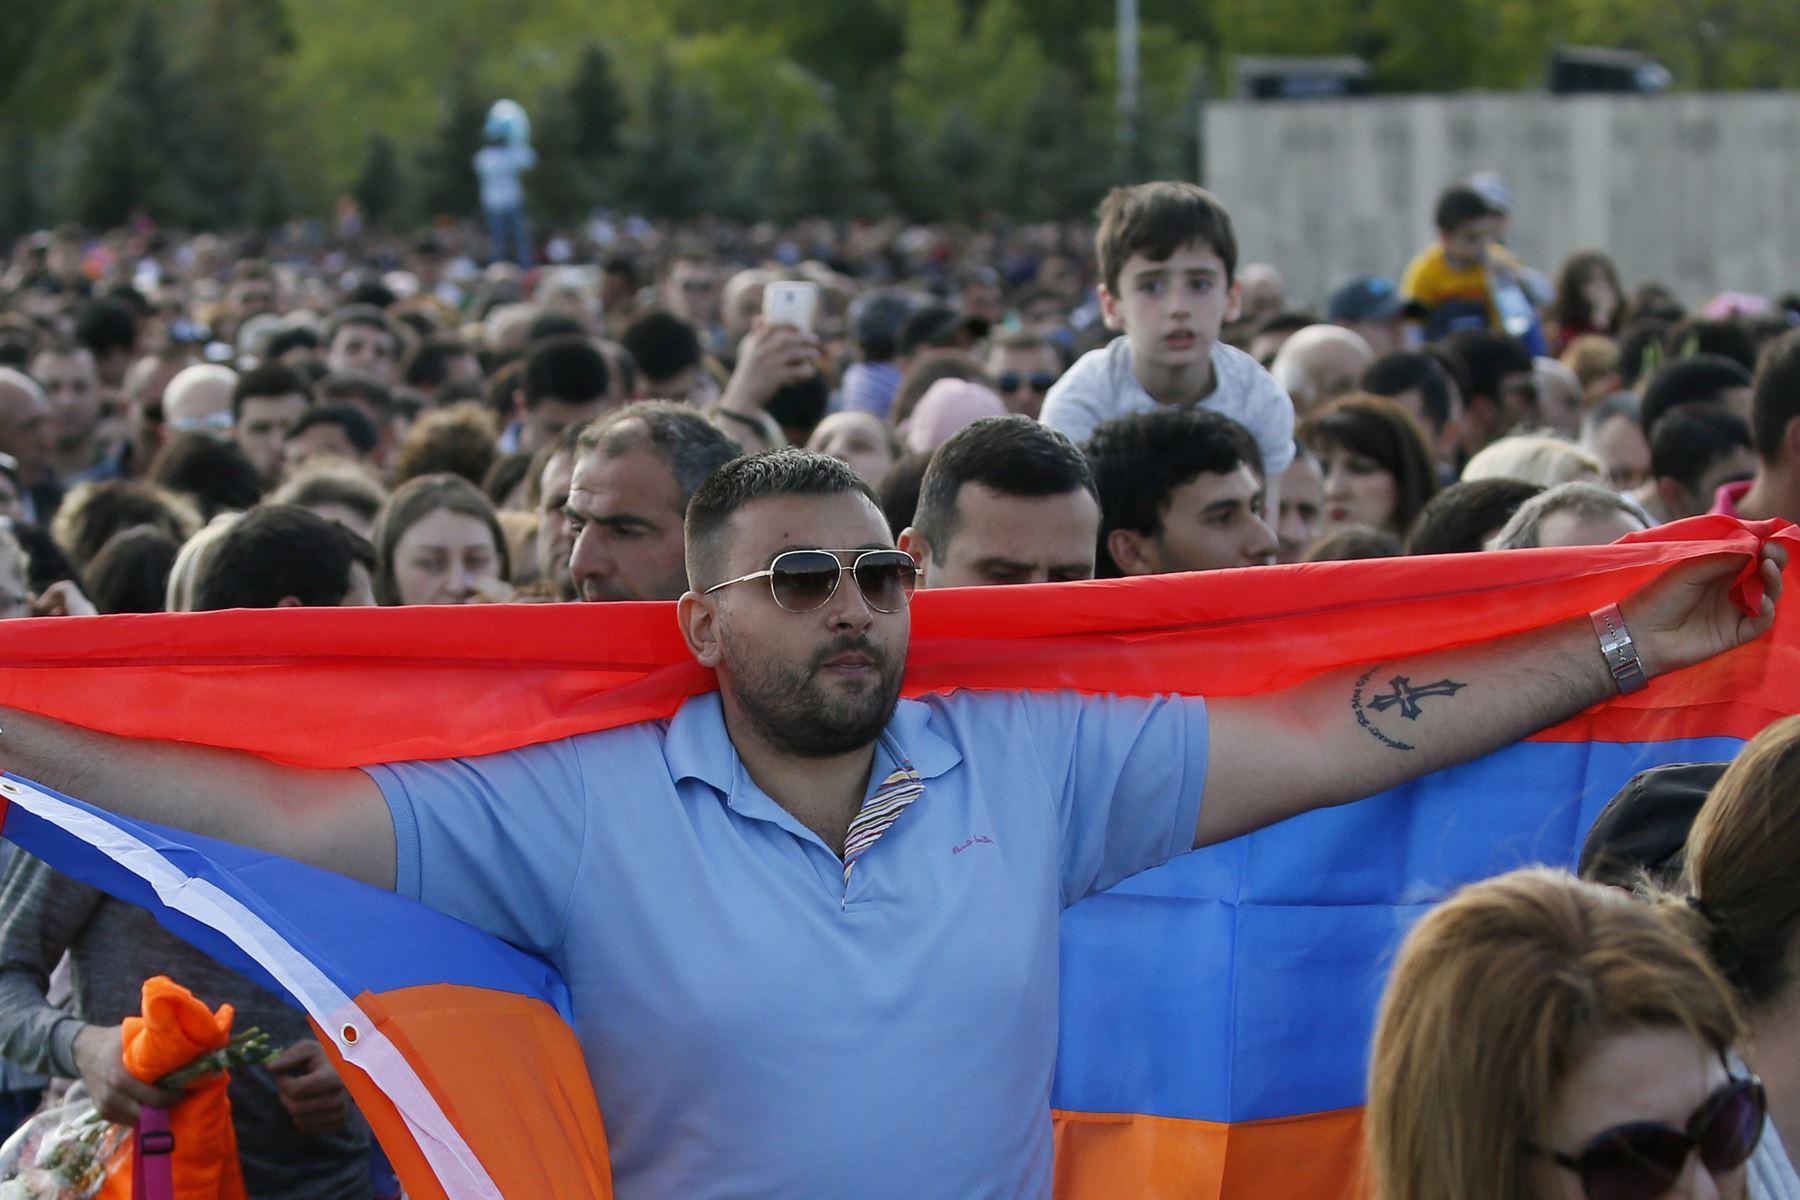 Aktuel politisk uro i Armenien kræver et valg, mener landets fungerende premierminister, Karen Karapetyan.